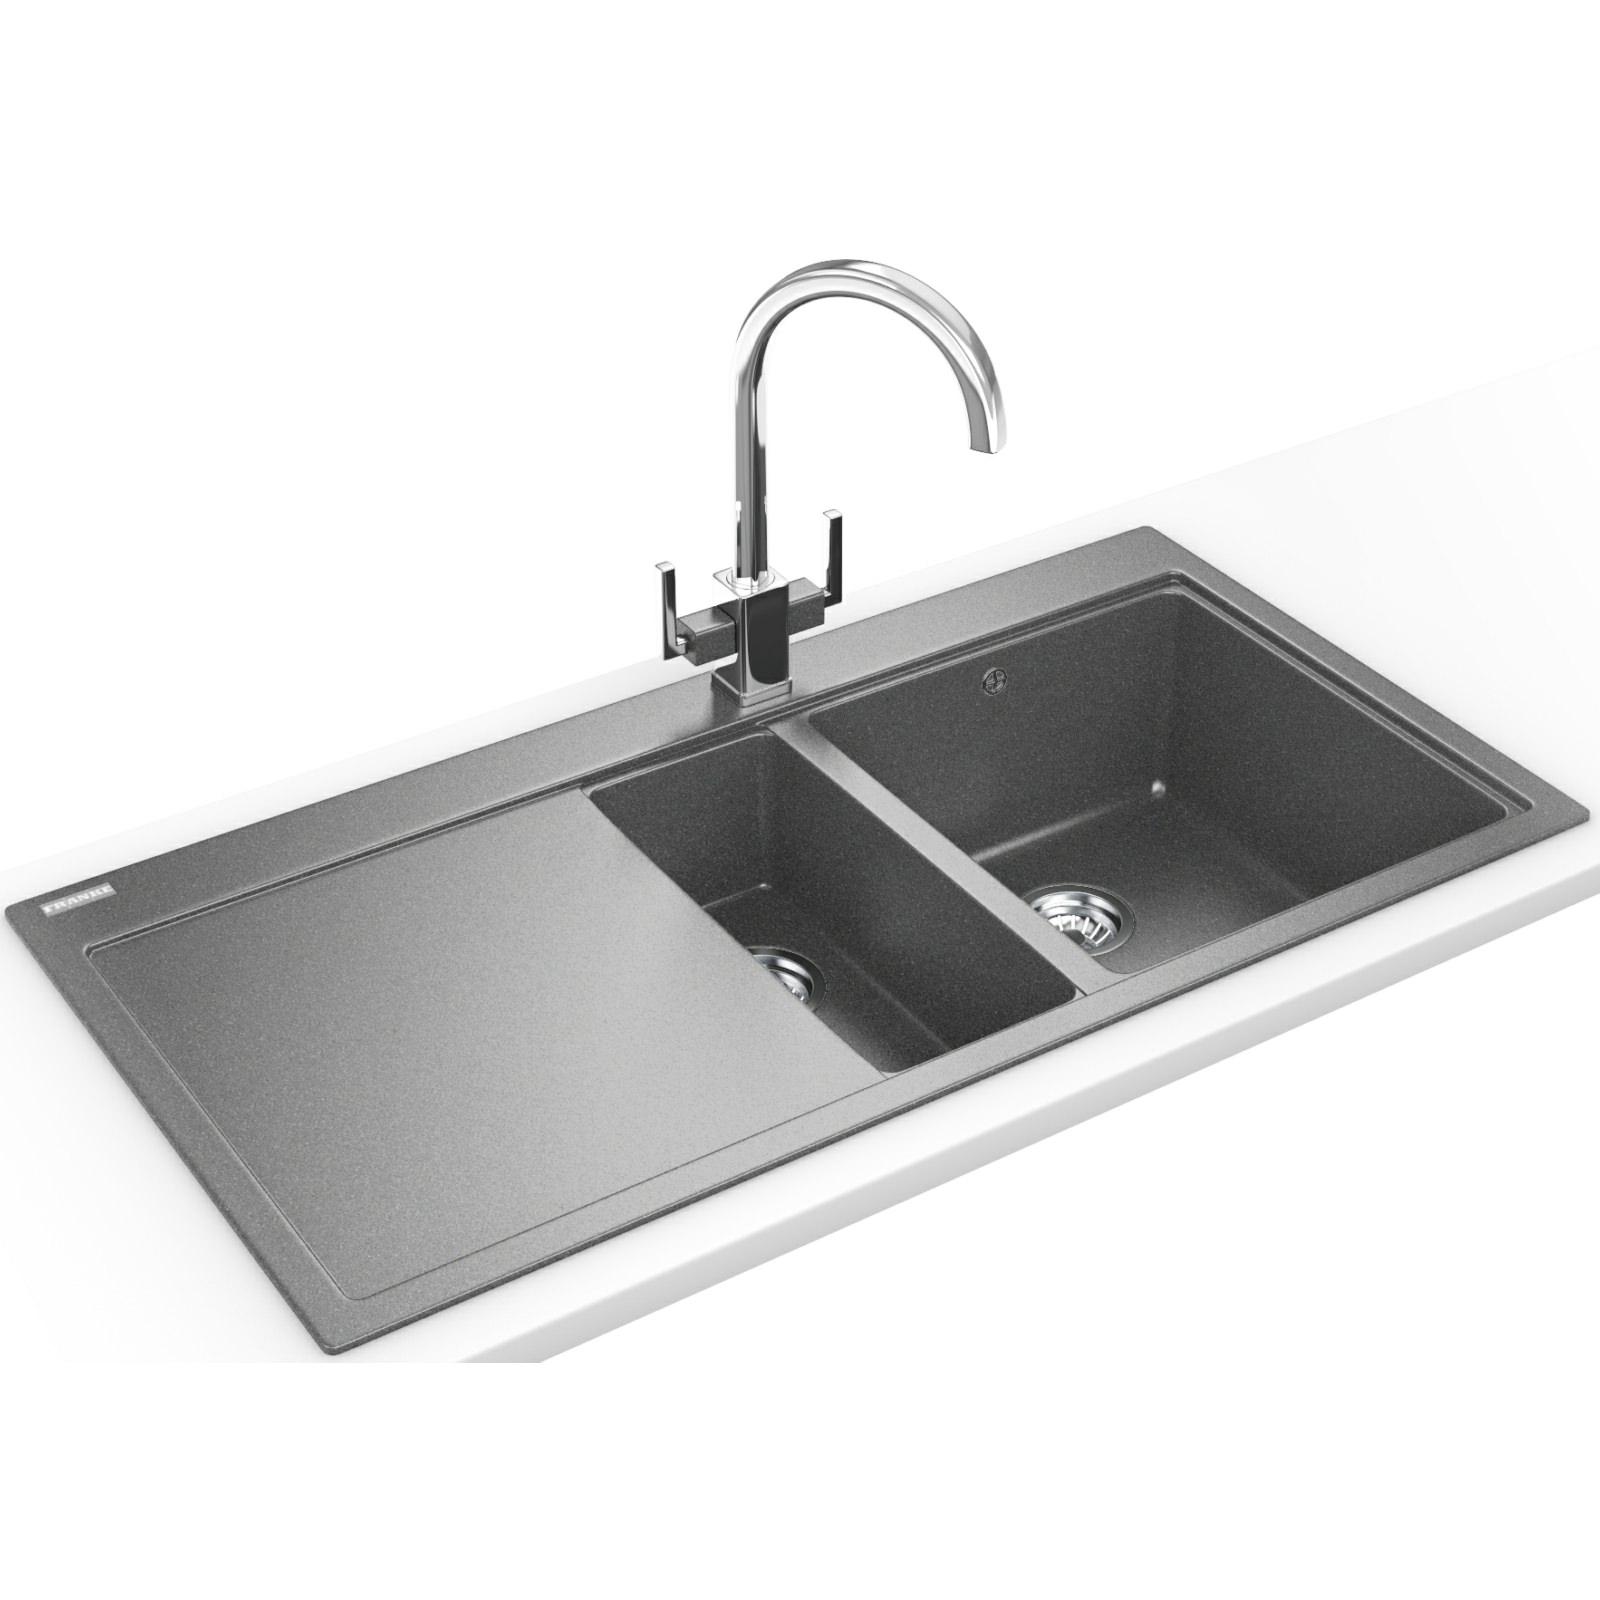 Franke Fragranite Sink Review : Franke Mythos Designer Pack MTG 651-100 Fragranite Stone Grey Sink And ...